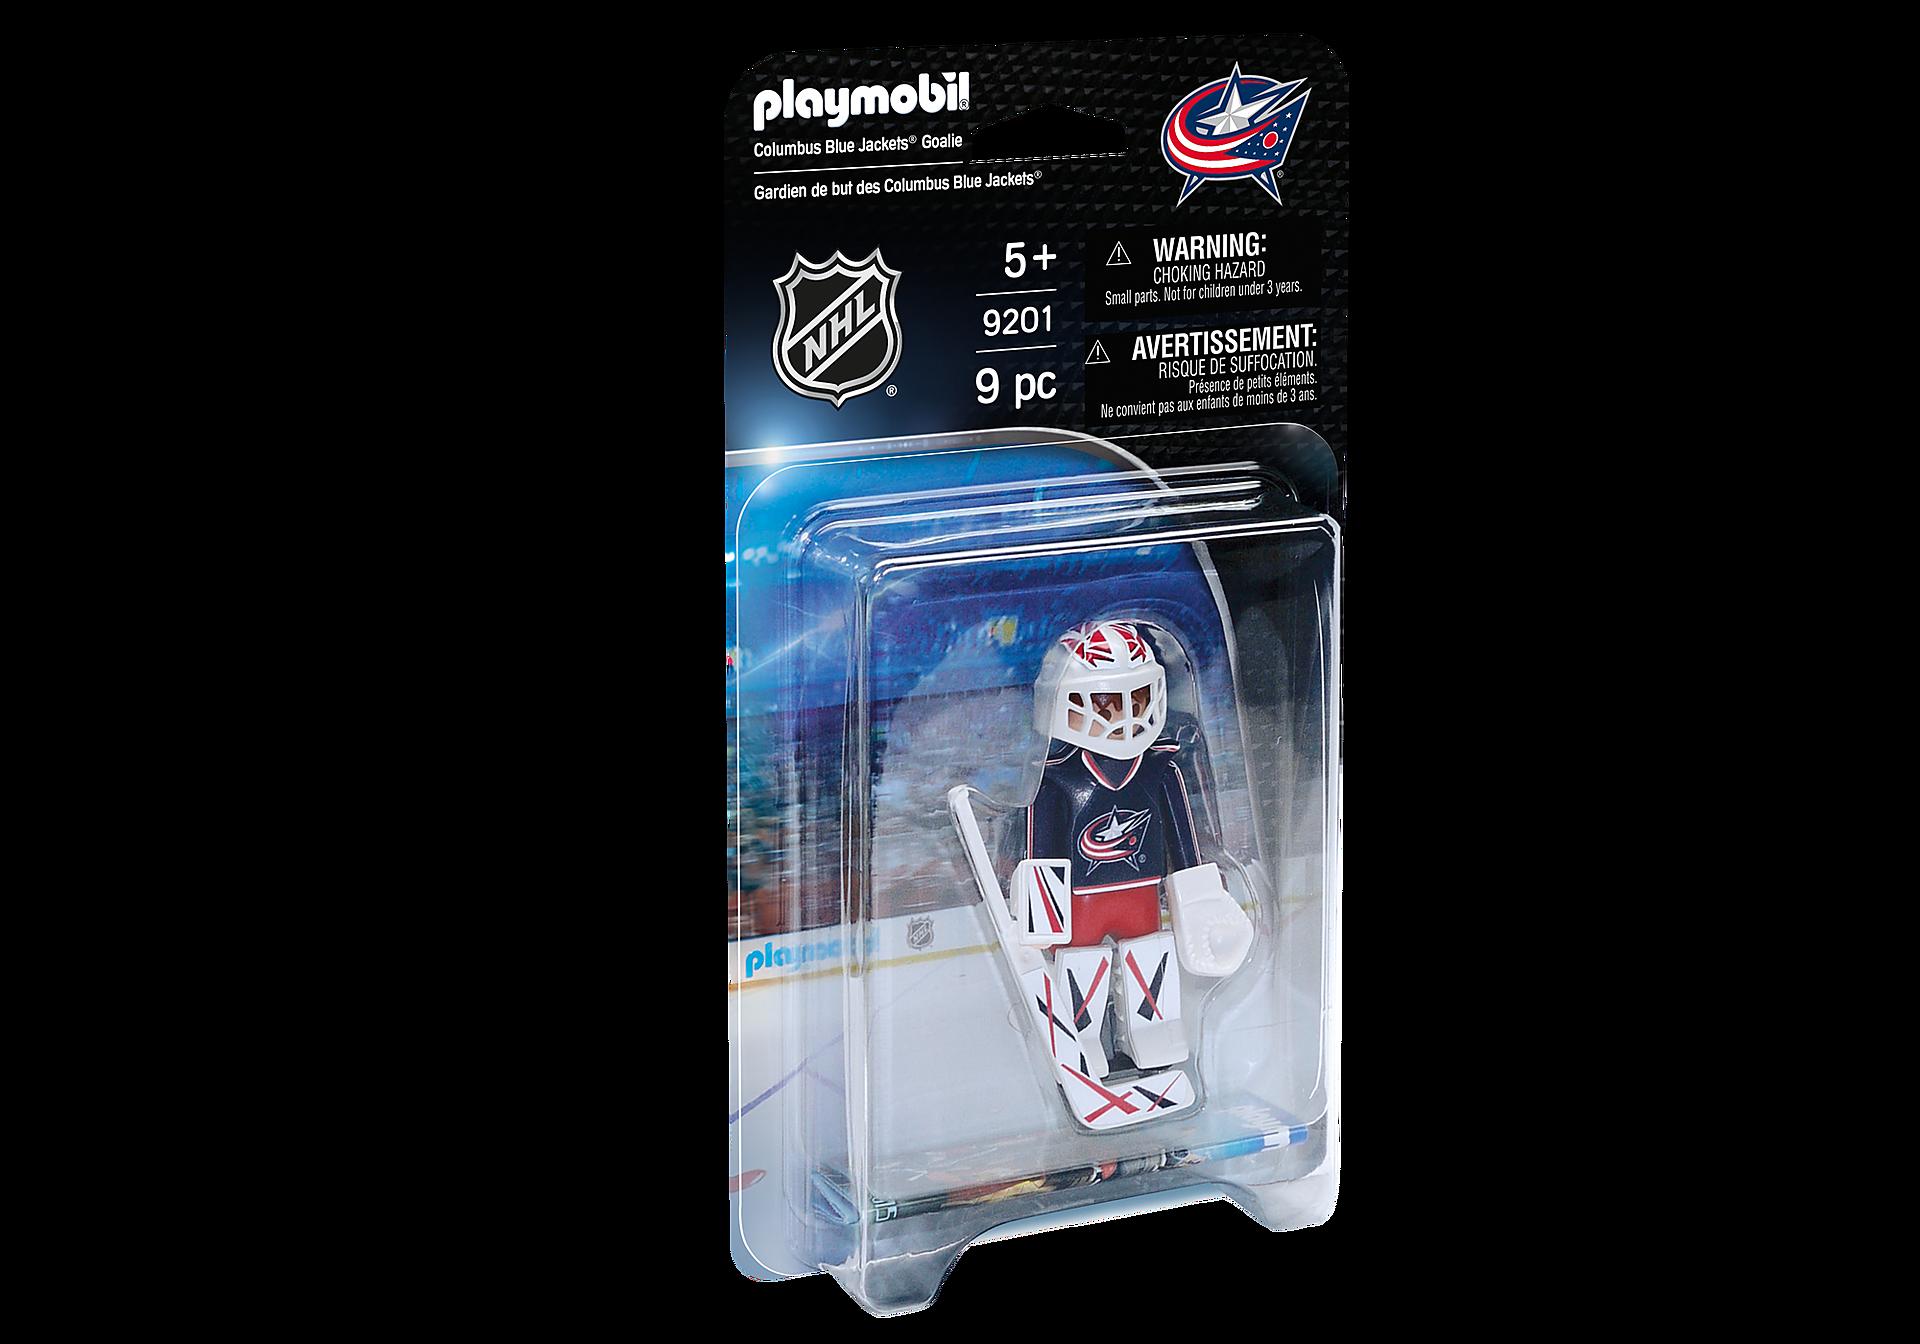 9201 NHL® Columbus Blue Jackets® Goalie zoom image2